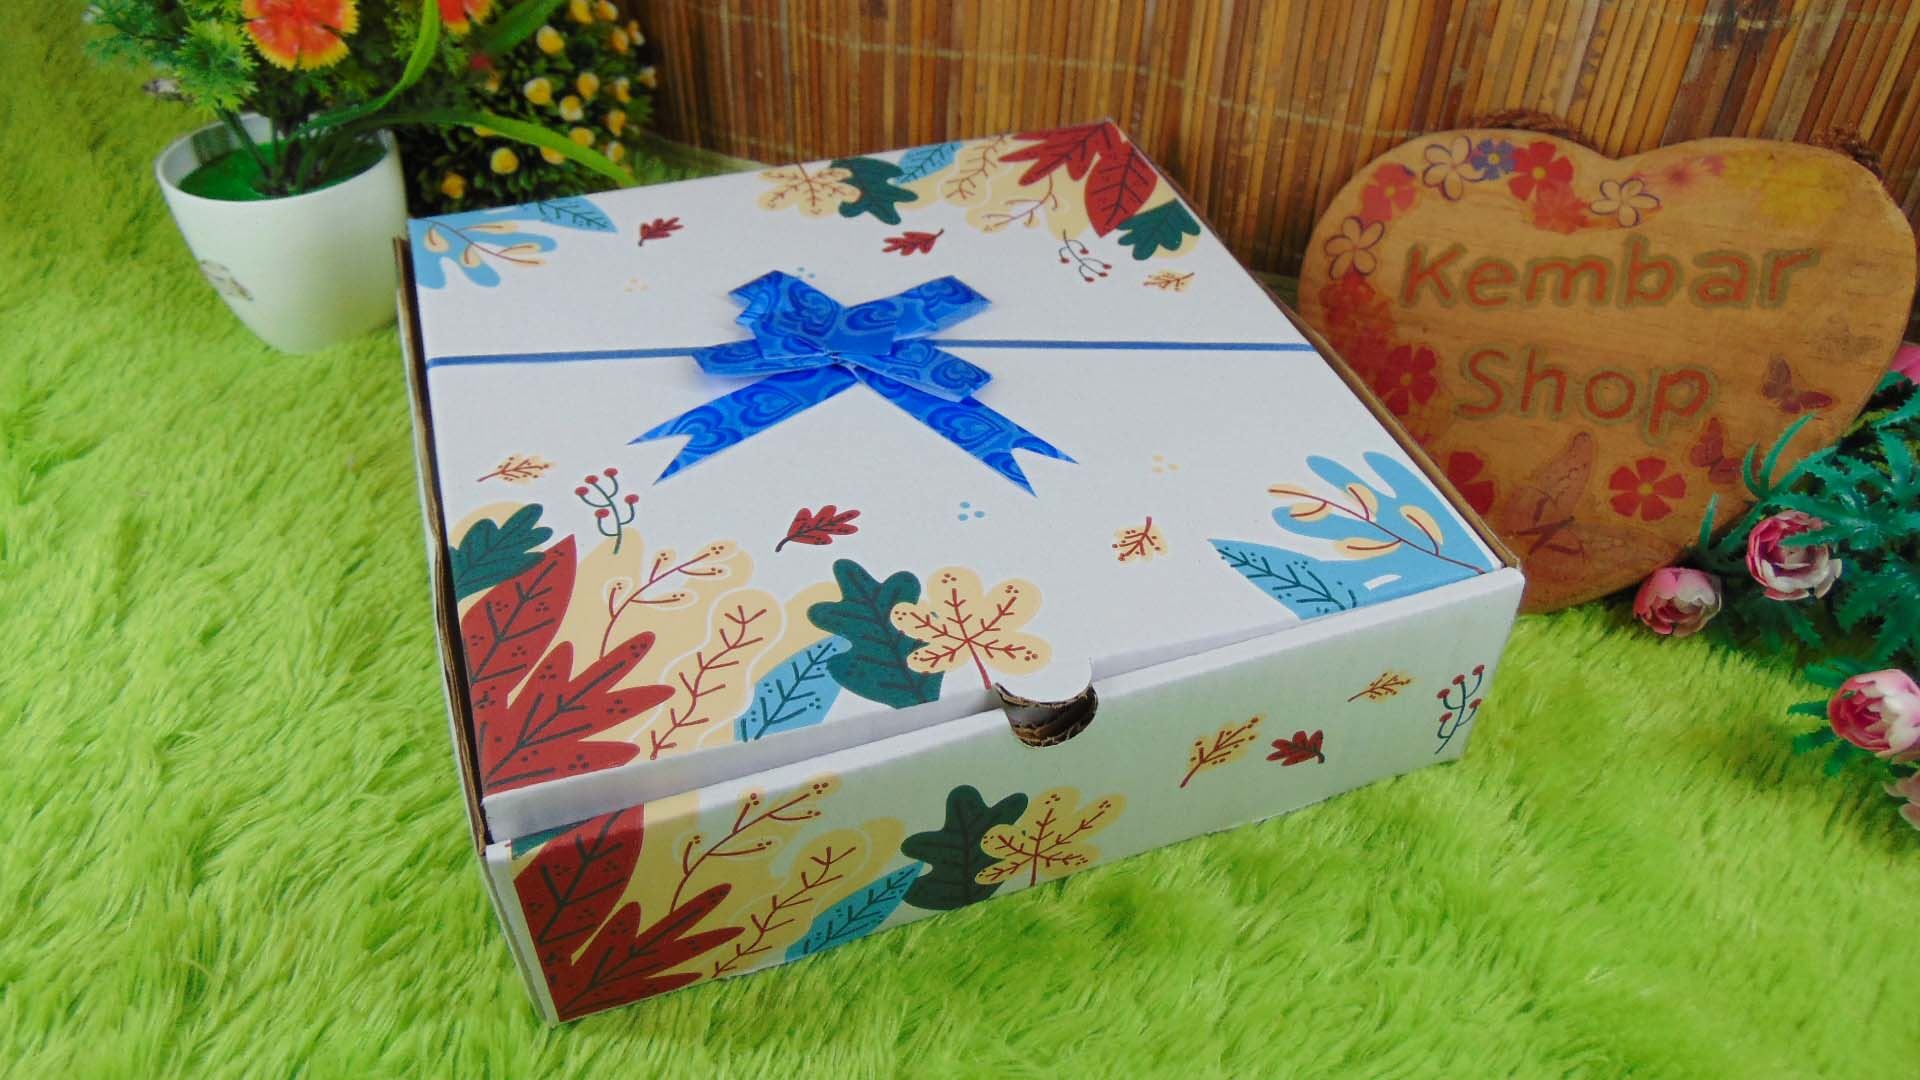 Hampers Paket Kado Bayi Baby Gift Box White Motif Selimut Carter Plus Sleepsuit 3in1 (1)